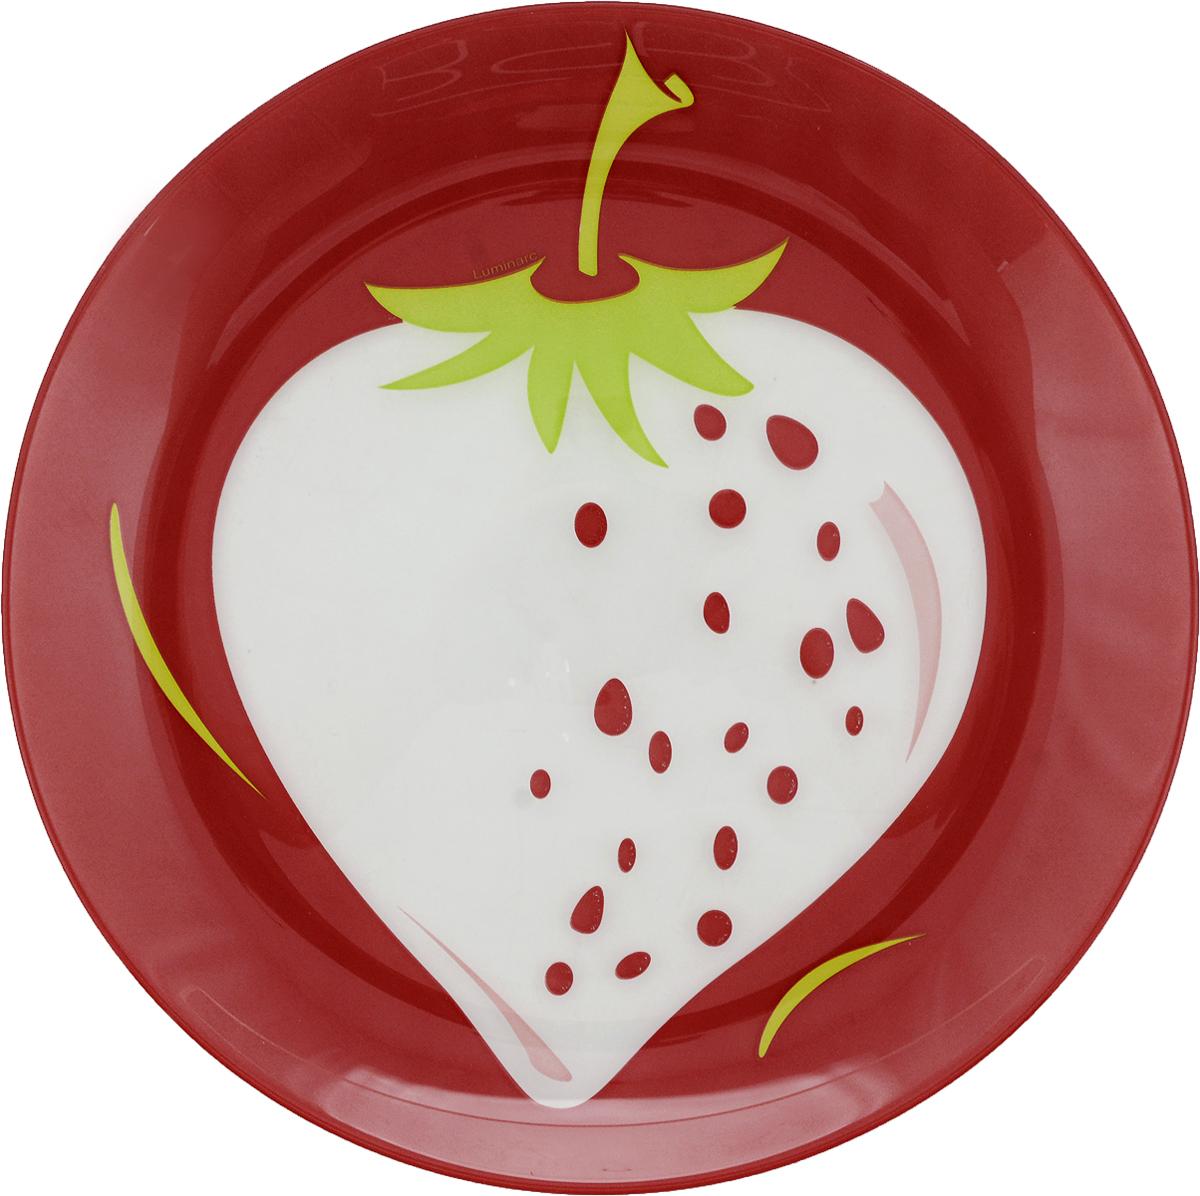 Тарелка десертная Luminarc Клубника, диаметр 20 смL2665Десертная тарелка Luminarc Клубника, изготовленная из высококачественного стекла, имеет изысканный внешний вид. Такая тарелка прекрасно подходит как для торжественных случаев, так и для повседневного использования. Идеальна для подачи десертов, пирожных, тортов и многого другого. Она прекрасно оформит стол и станет отличным дополнением к вашей коллекции кухонной посуды.Диаметр тарелки: 20 см.Высота тарелки: 1,5 см.